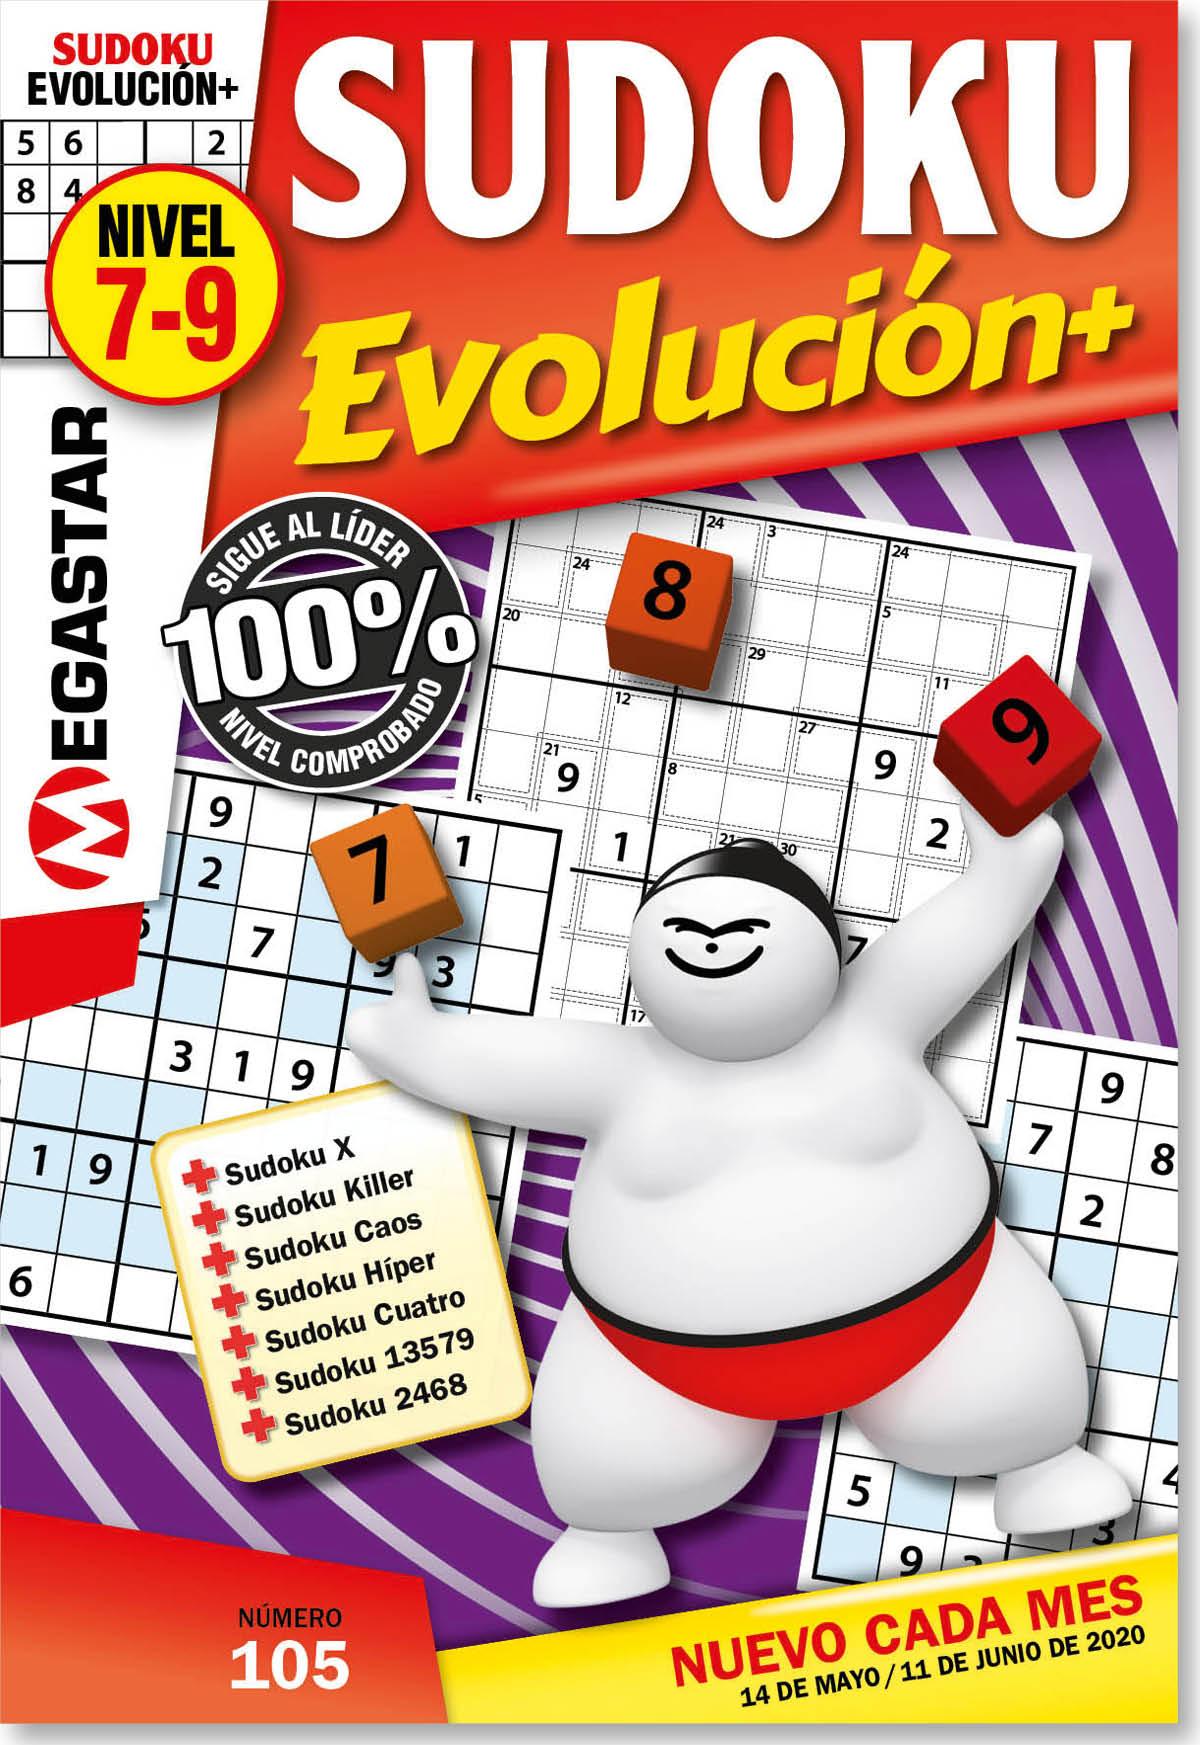 Sudoku Evolución Plus 7-9